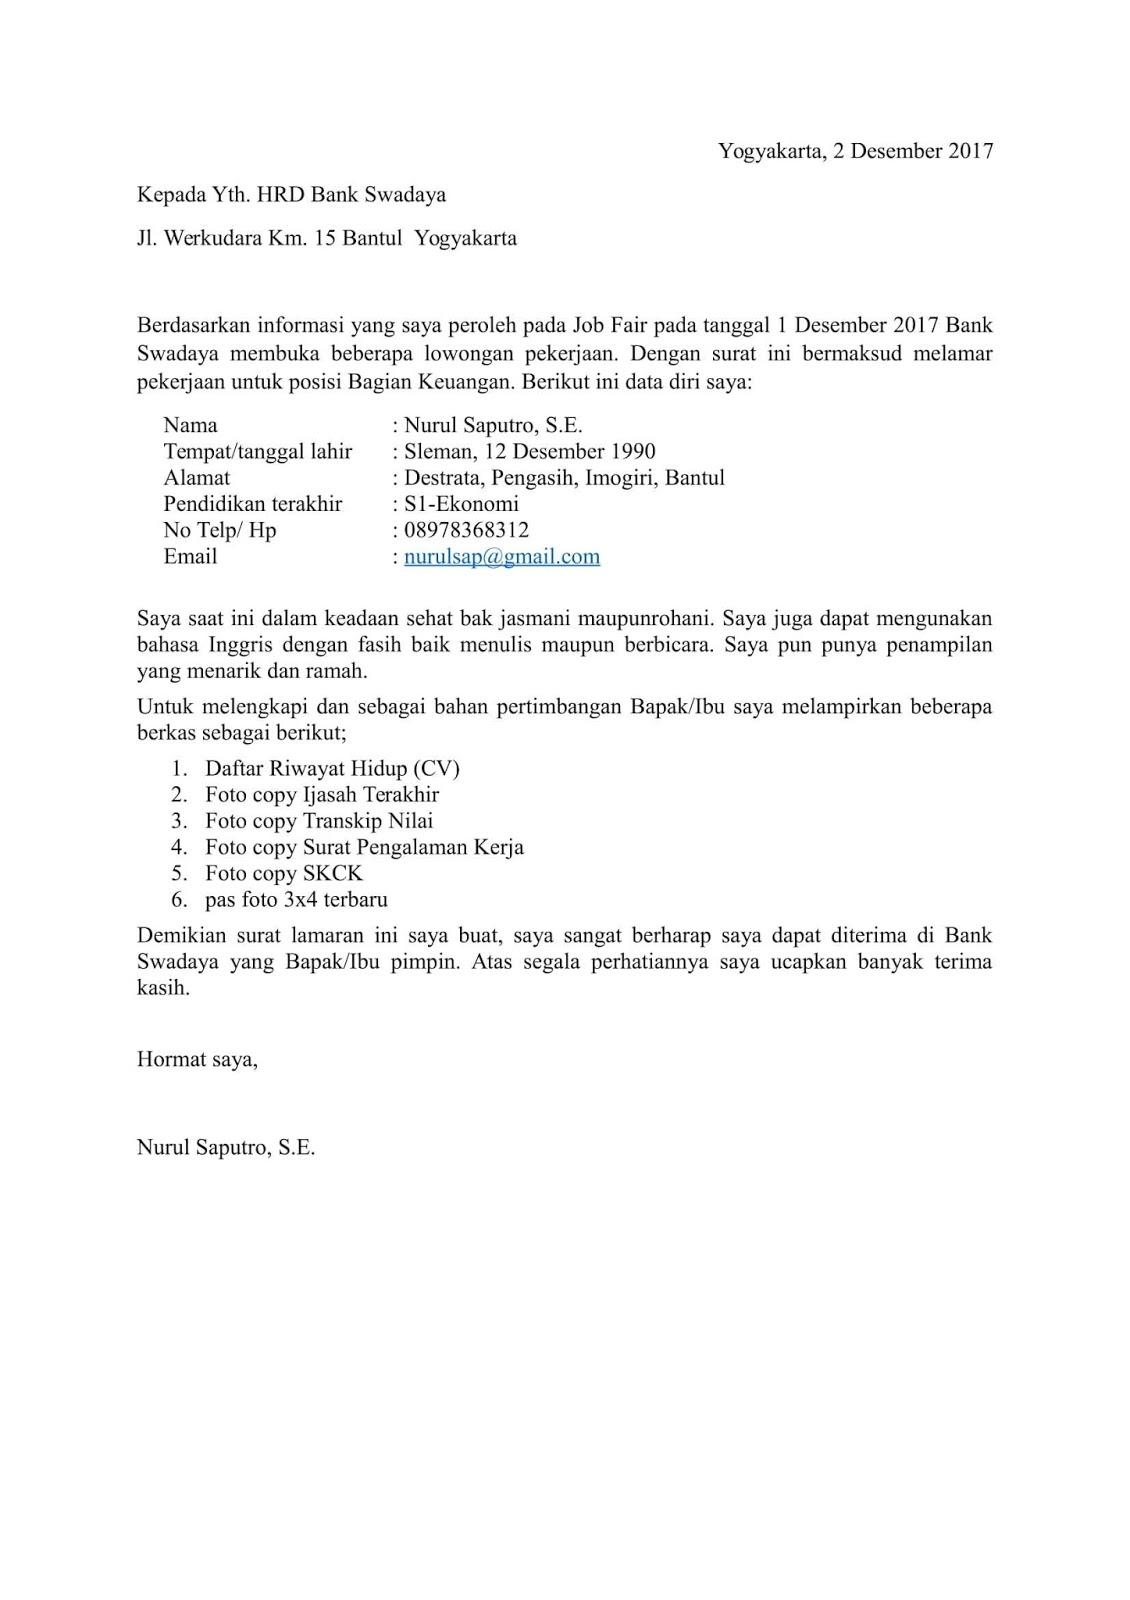 76 Contoh Surat Lamaran Kerja Yang Diketik